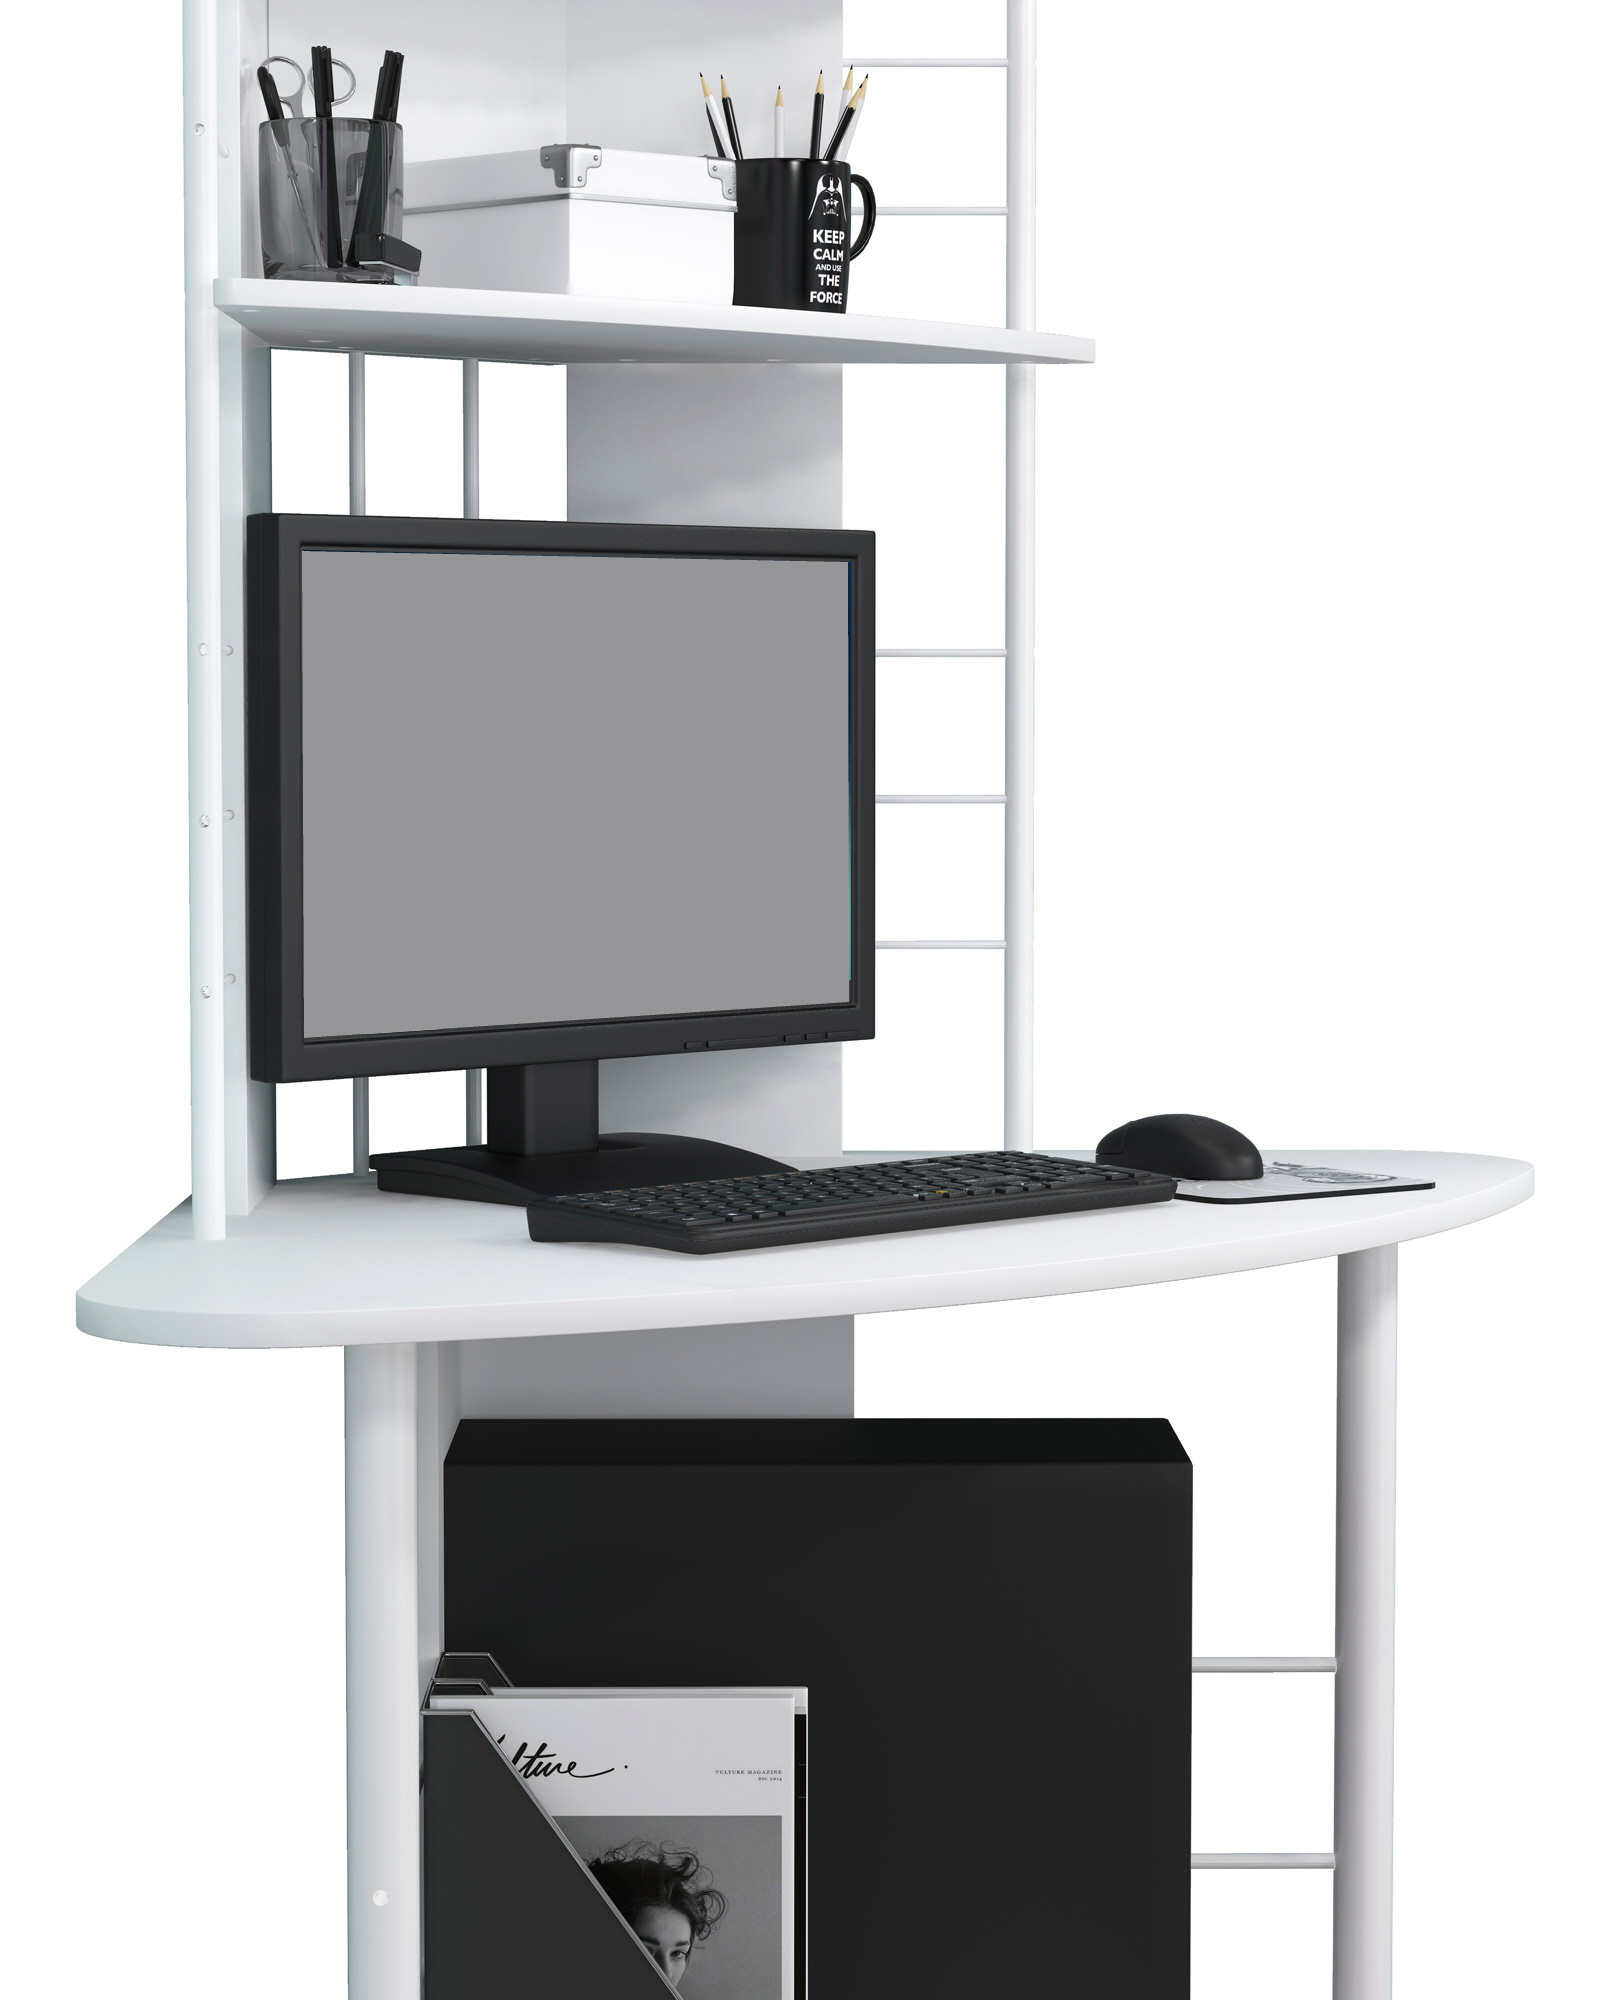 Sixbros scrivania porta pc angolare tavolo ufficio - Tavolo porta pc ...